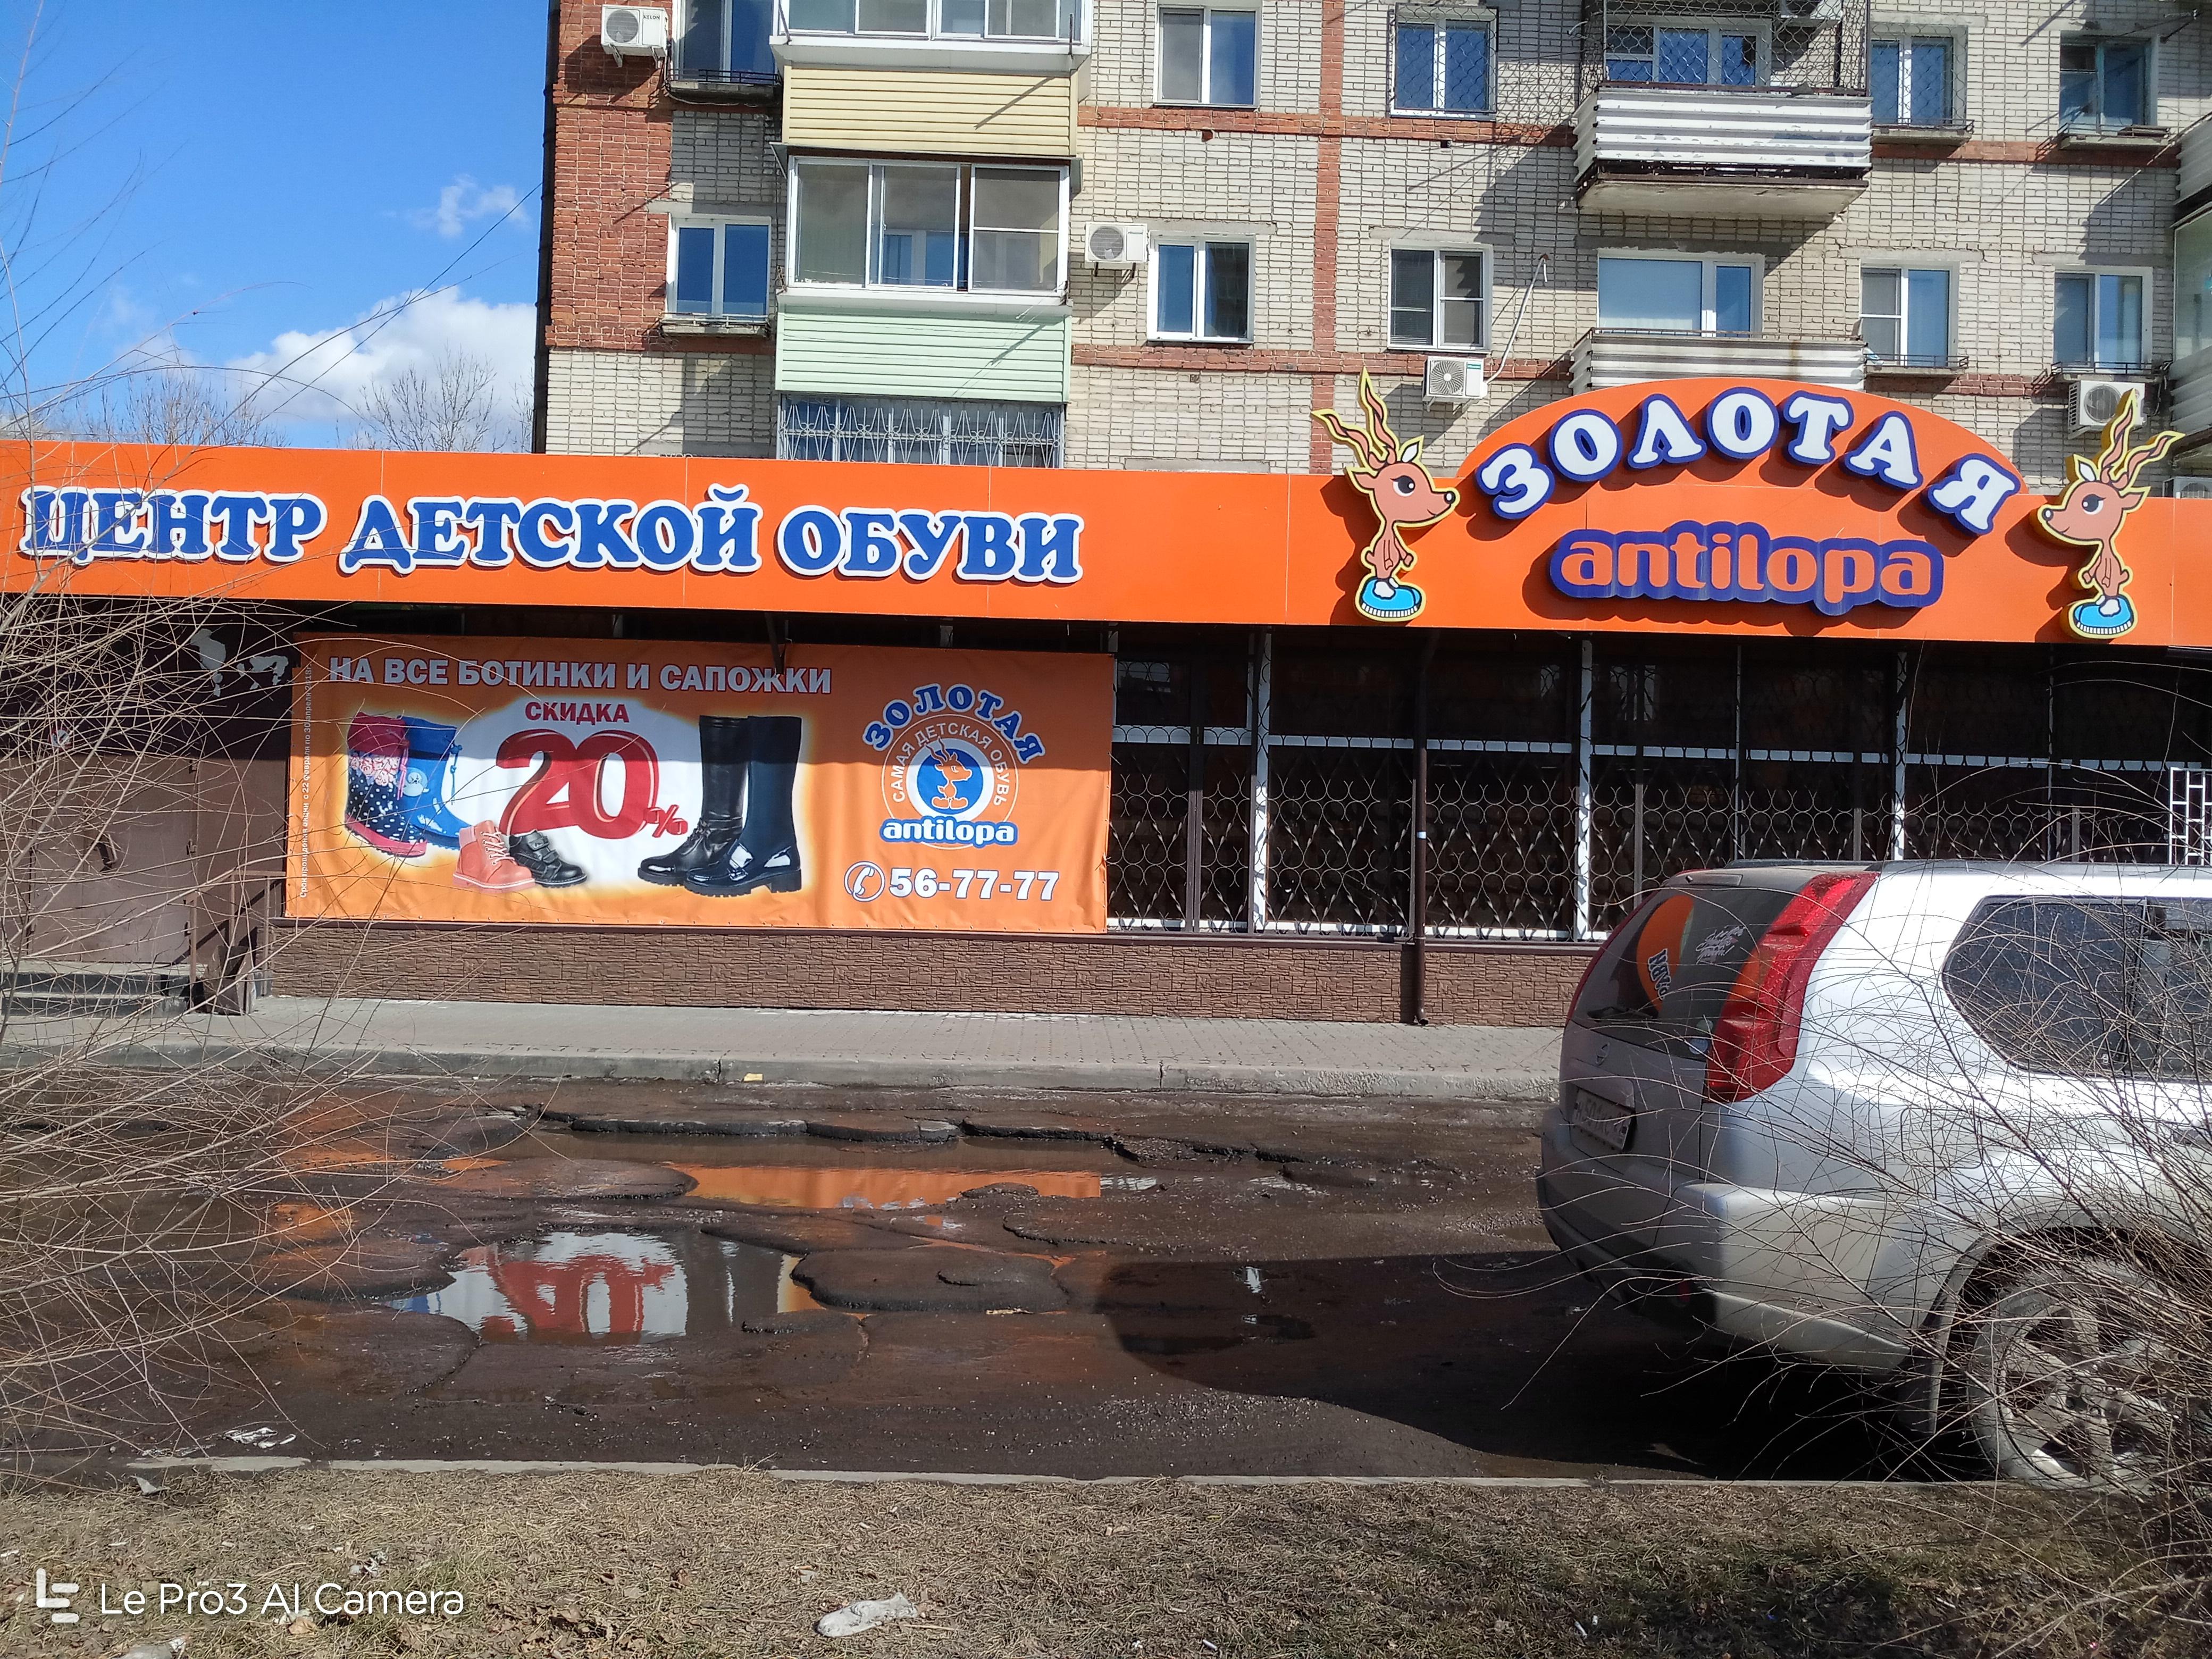 1b9623588 Золотая Антилопа - магазин детской обуви, Хабаровск — отзывы и фото —  Яндекс.Карты